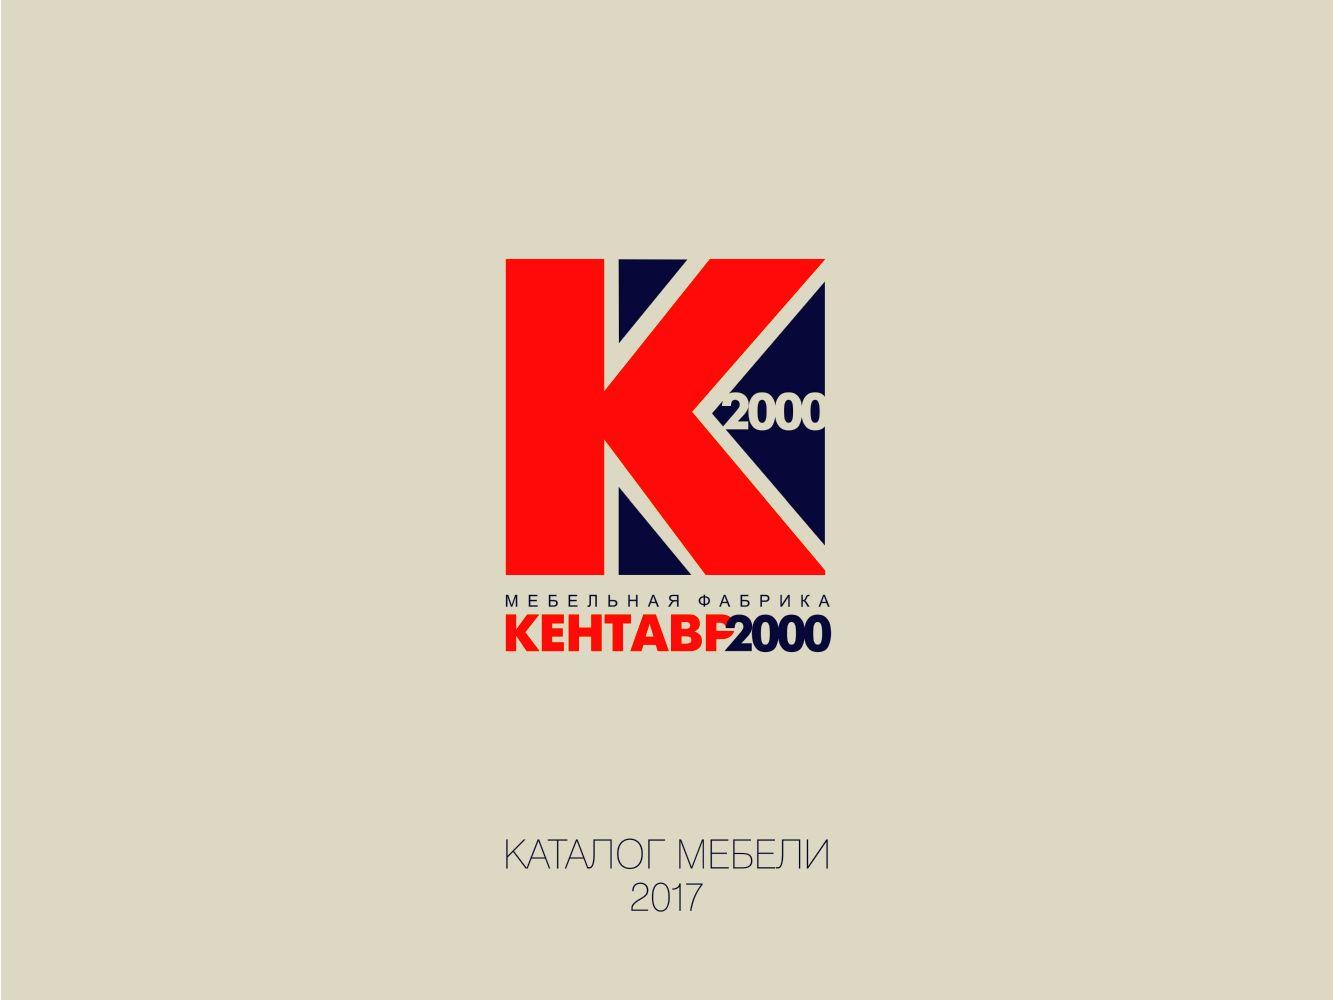 Каталог фабрики «Кентавр 2000»